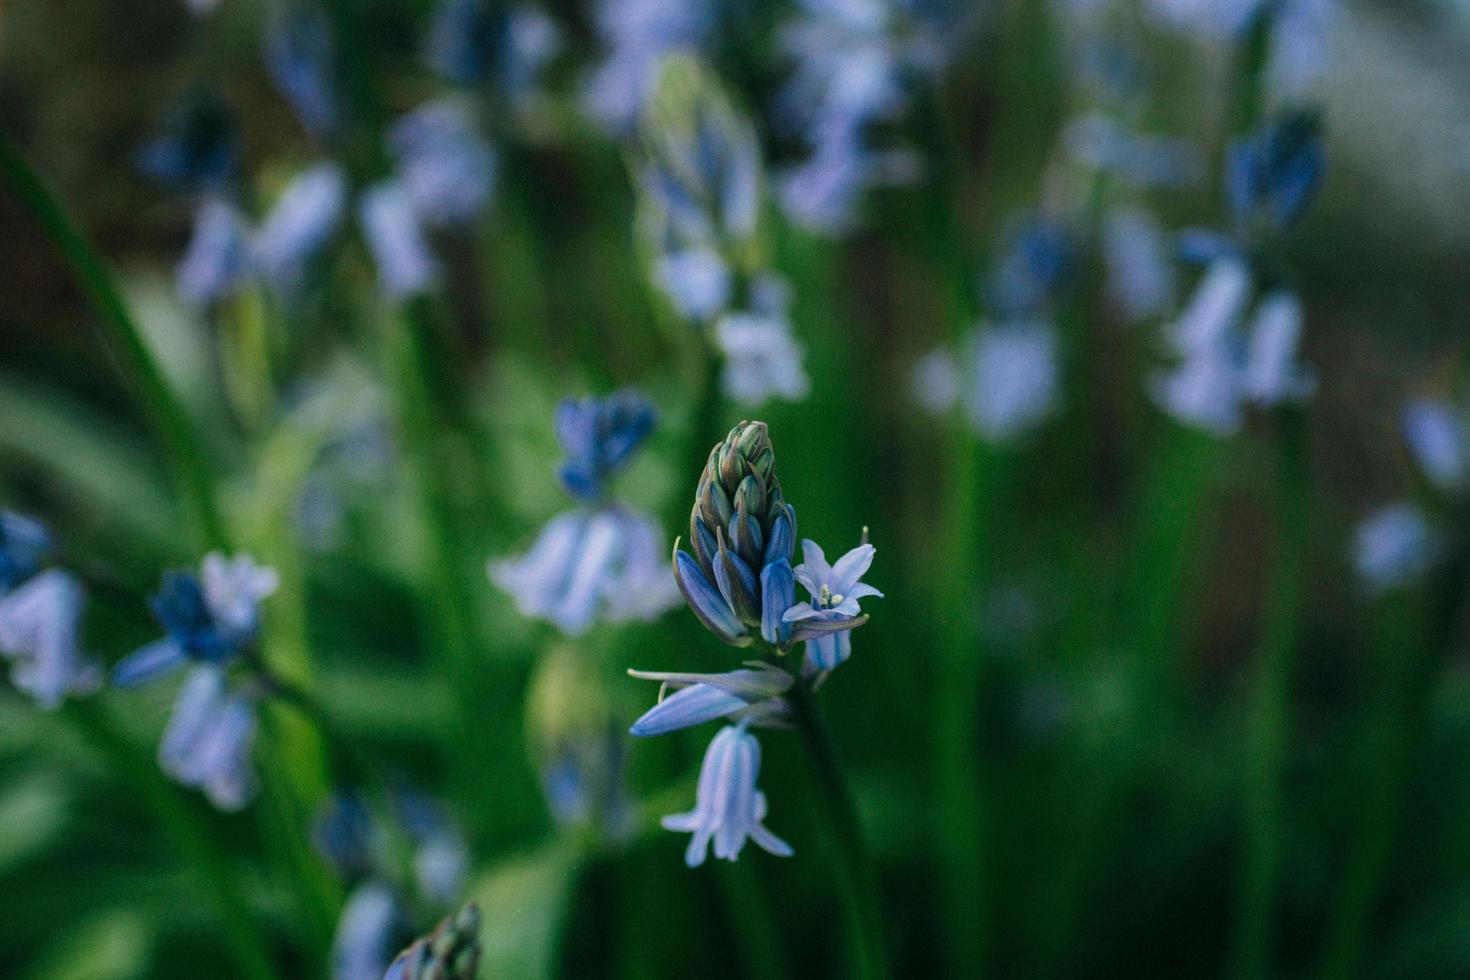 flor azul que florece durante el día foto